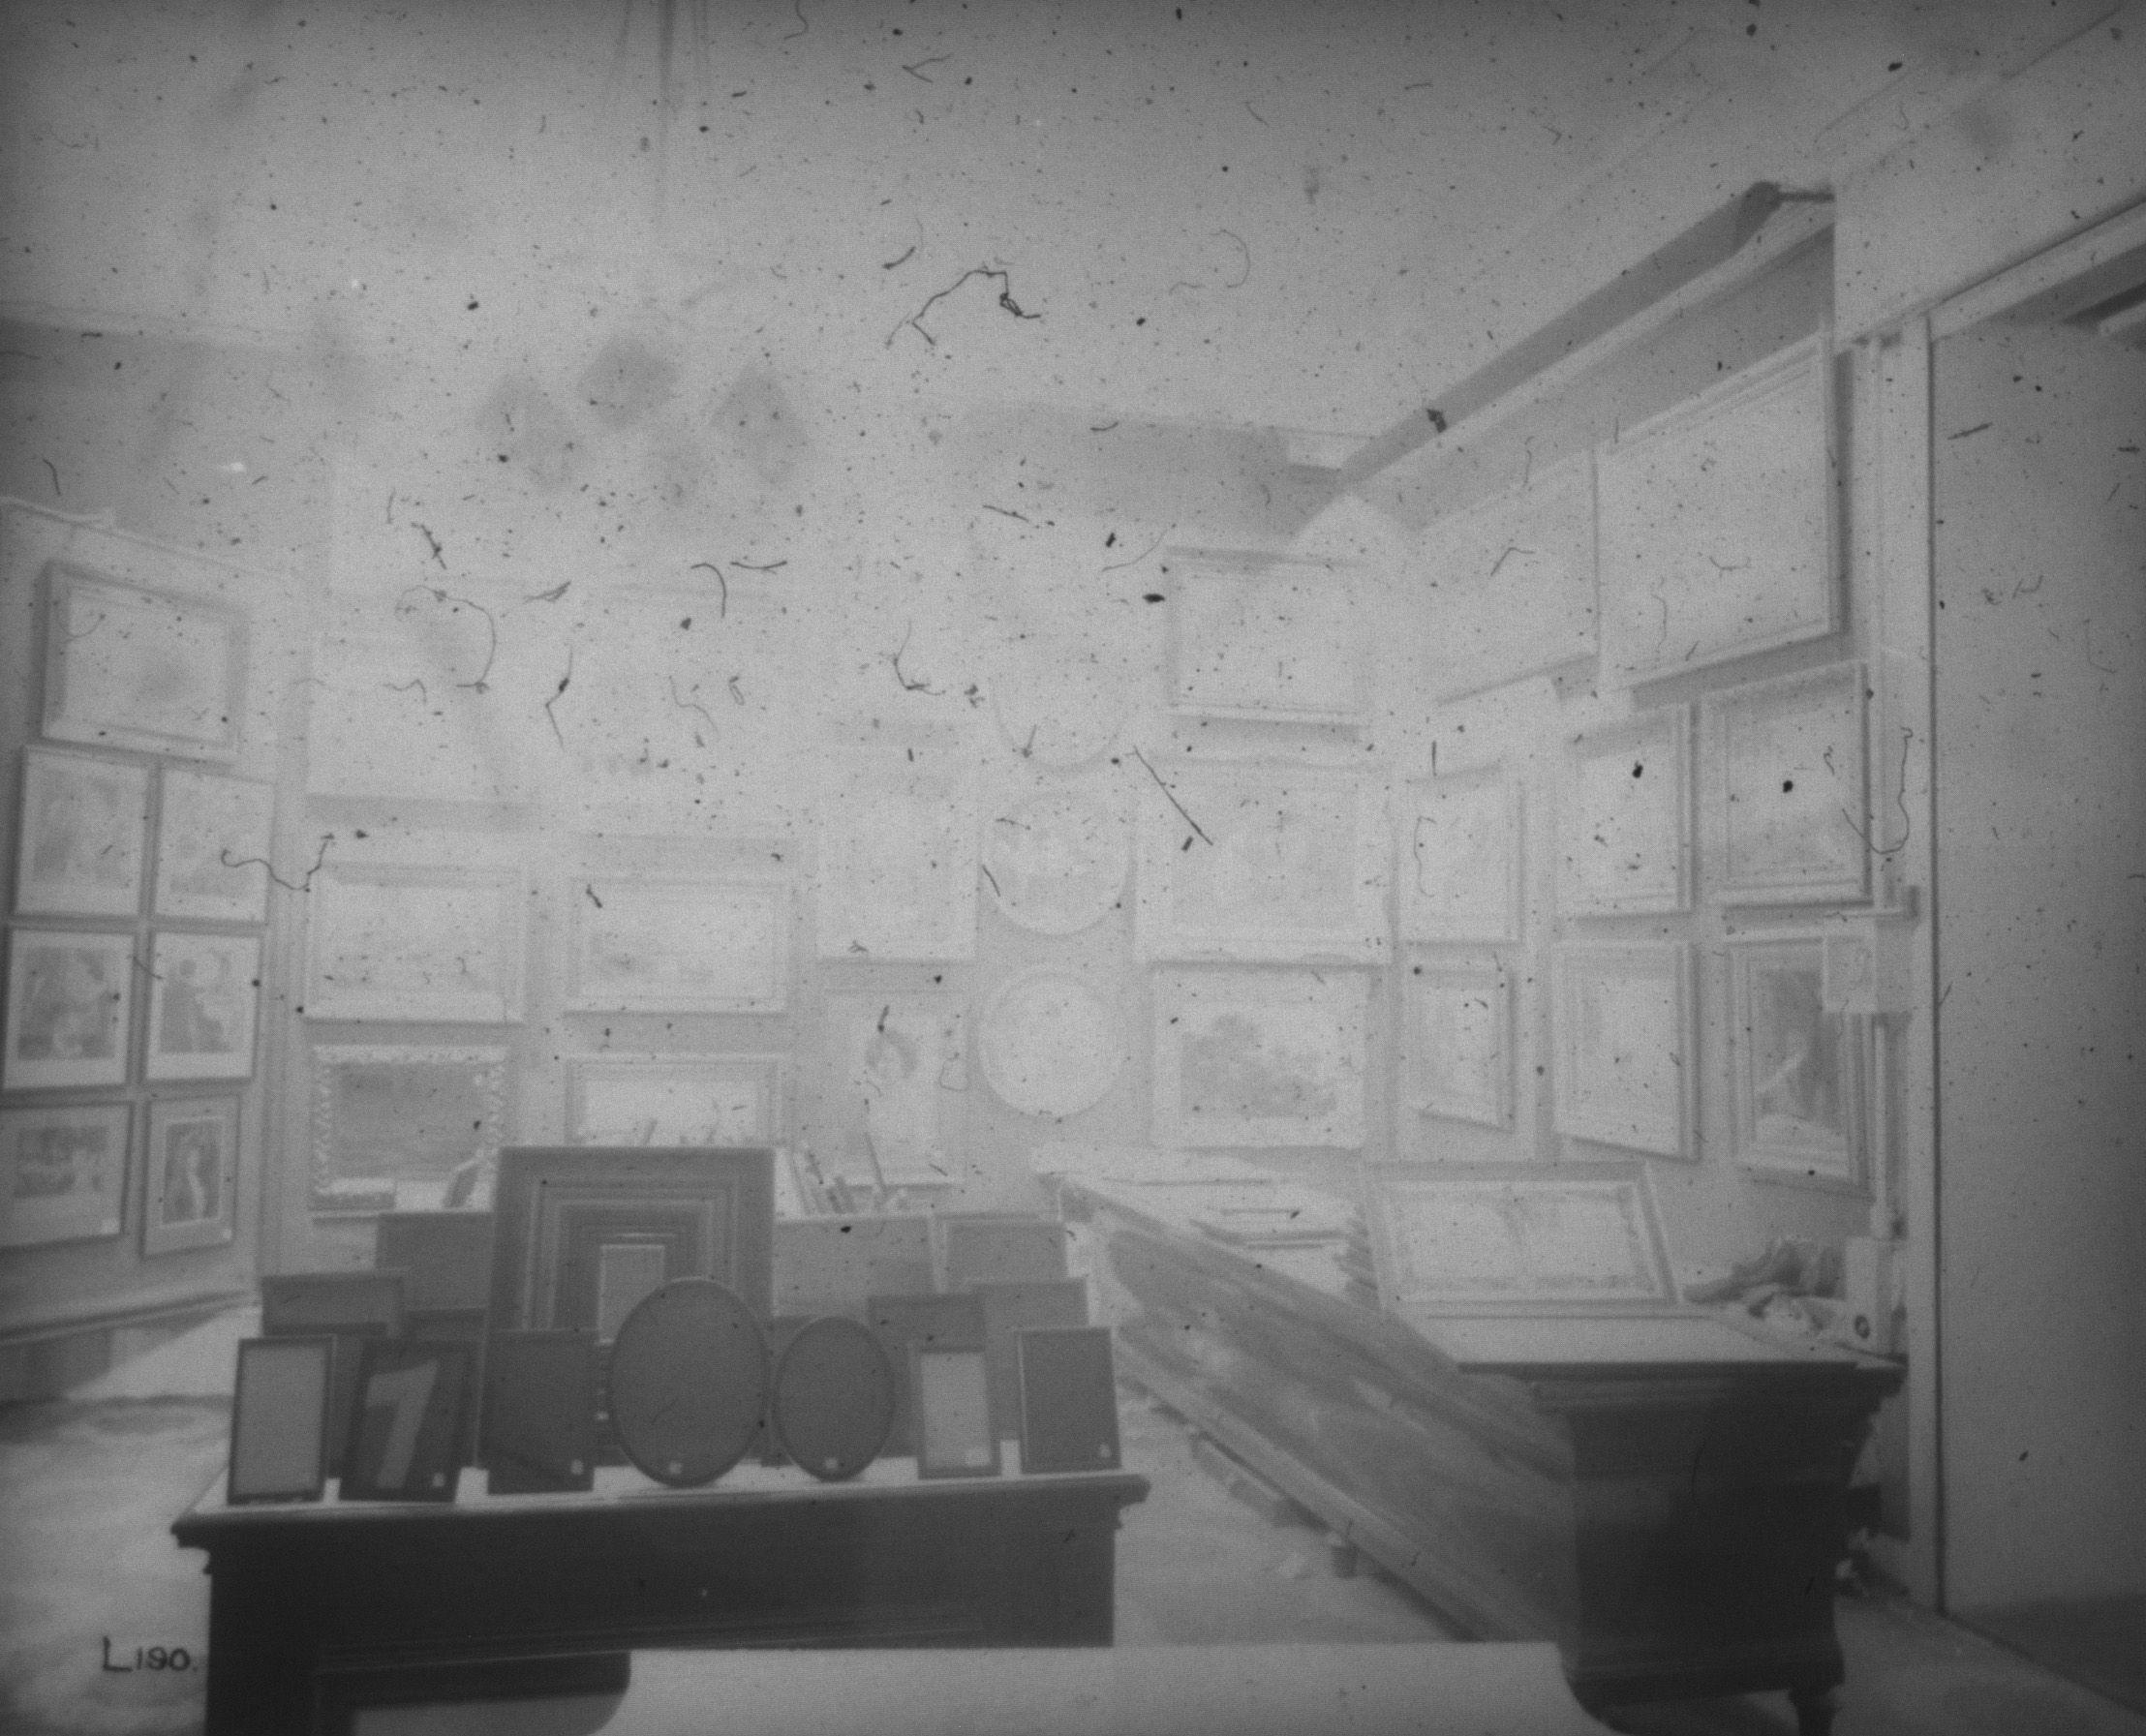 Selfridges Ltd, London, picture gallery, March 1912. IET Archives NAEST 074/04/0089